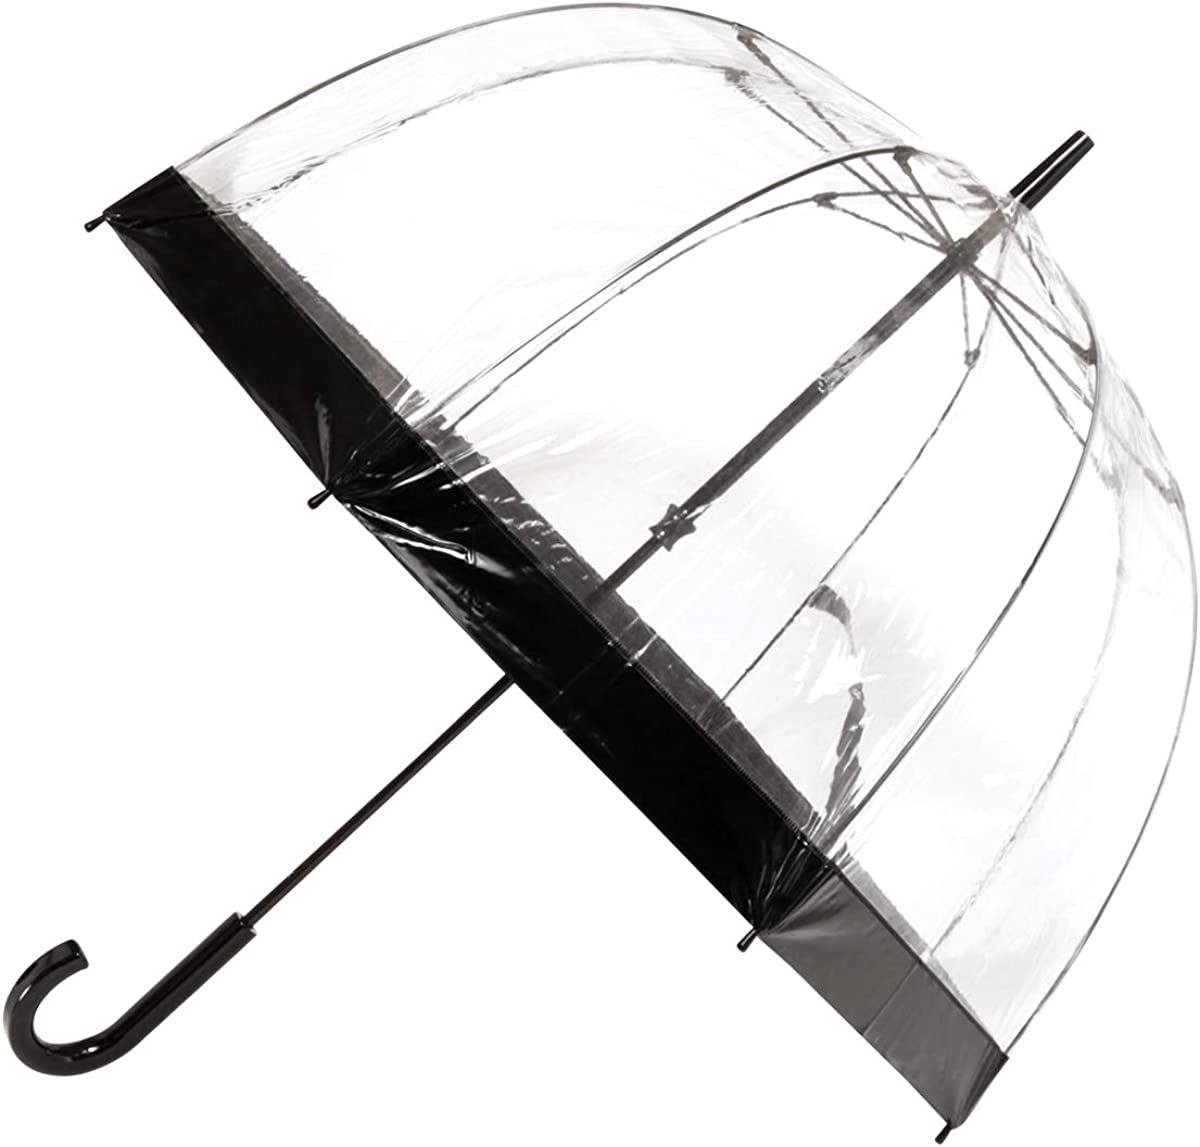 [フルトン] 傘 長傘 レディース メンズ 手開き式 雨傘 深張 21-152-52950-00